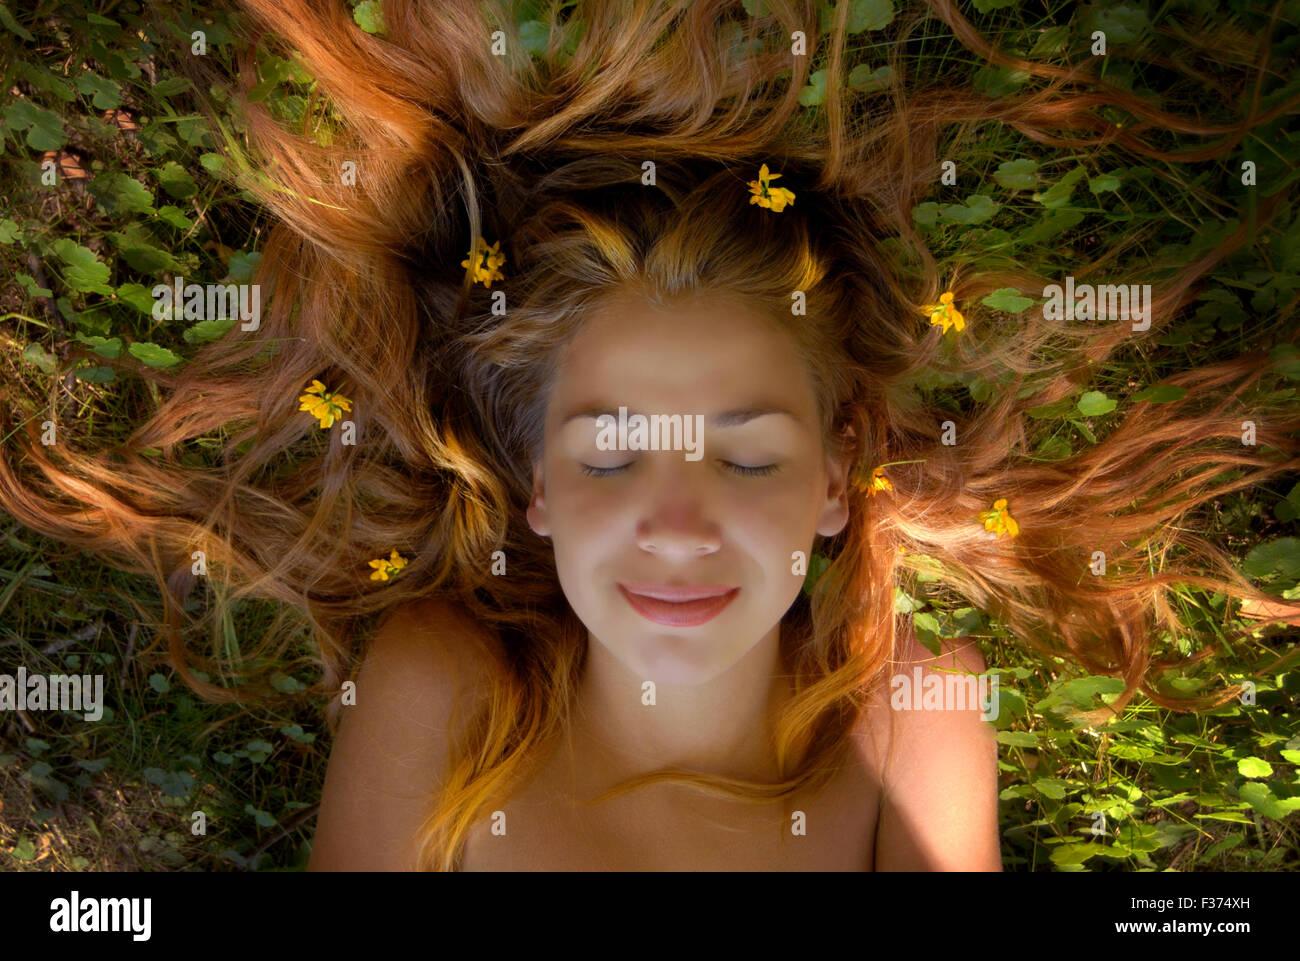 Linda rapariga loira cabelos longos na grama com flores na sua cabeça Imagens de Stock